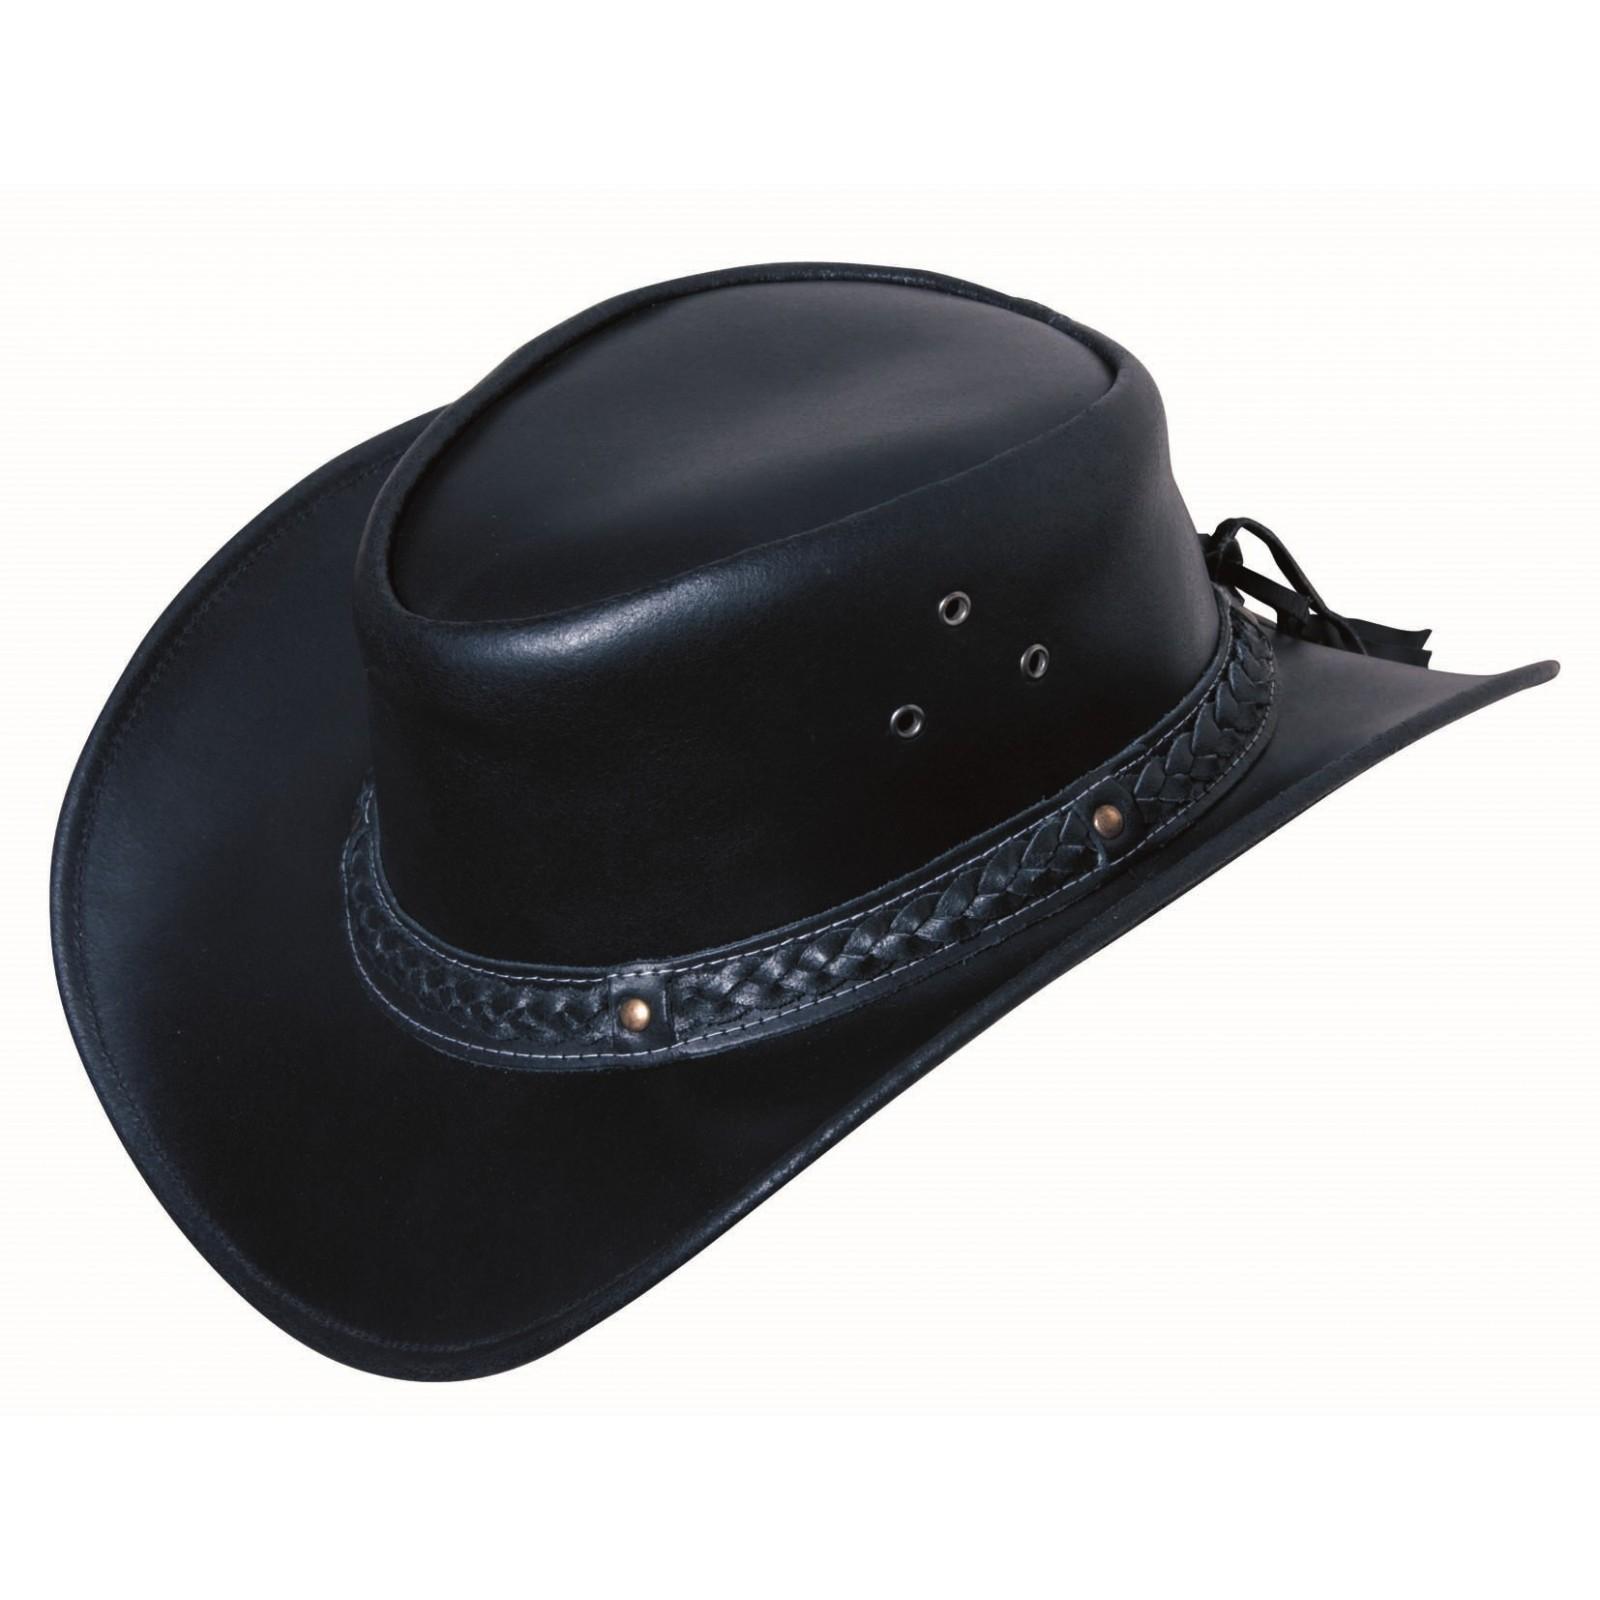 Scippis Leather hat Frisco